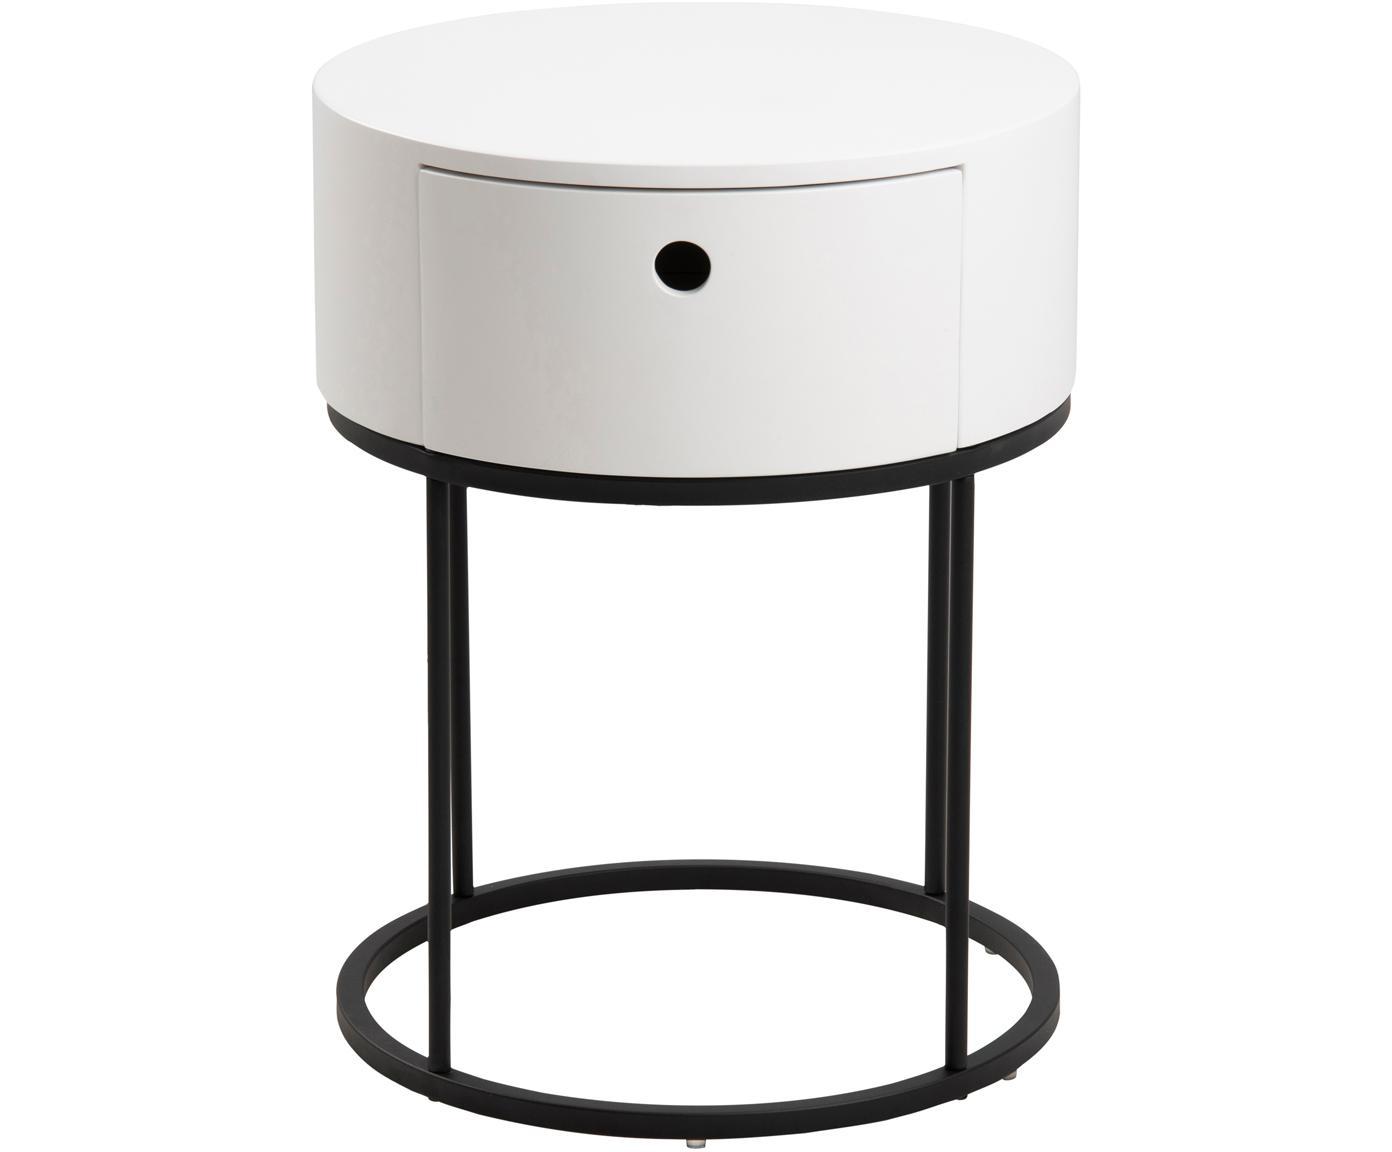 Mesilla de noche redonda Polo, Tablero de fibras de densidad media (MDF), metal con pintura en polvo, Blanco, Ø 40 x Al 51cm